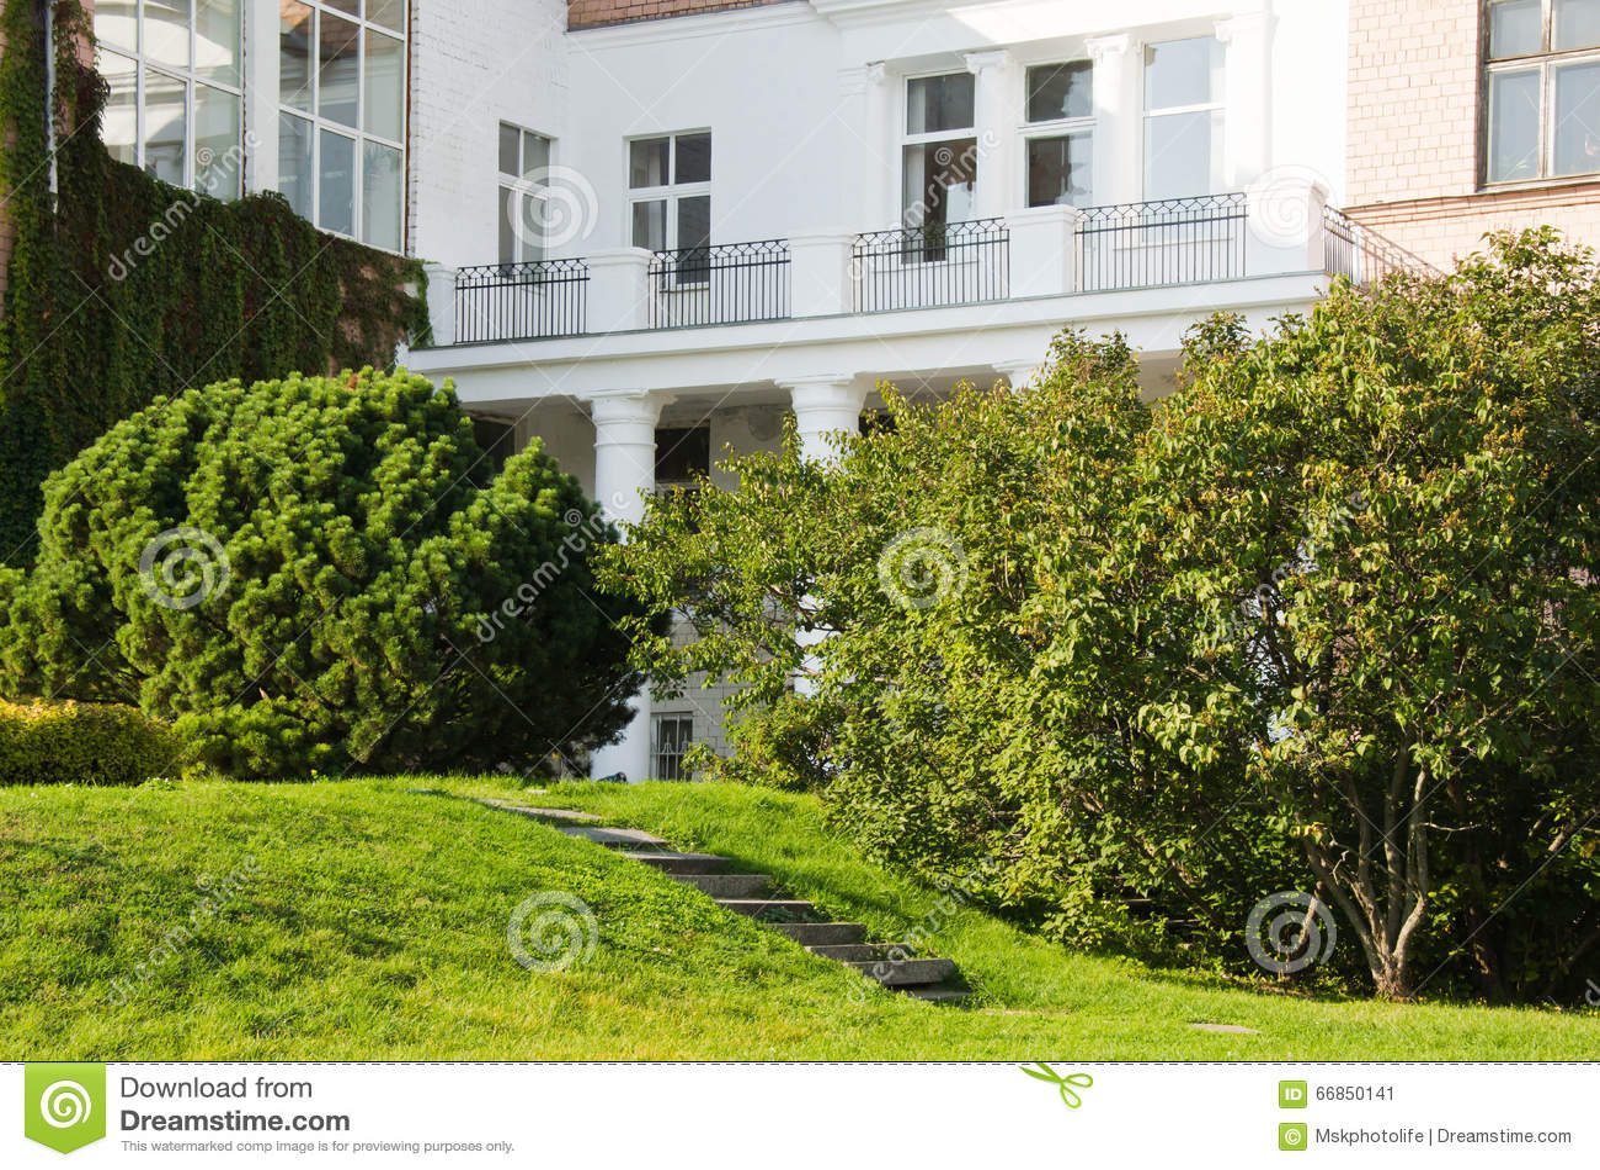 Facciata di una casa di campagna con un balcone fotografia - Chiudere una finestra di casa ...